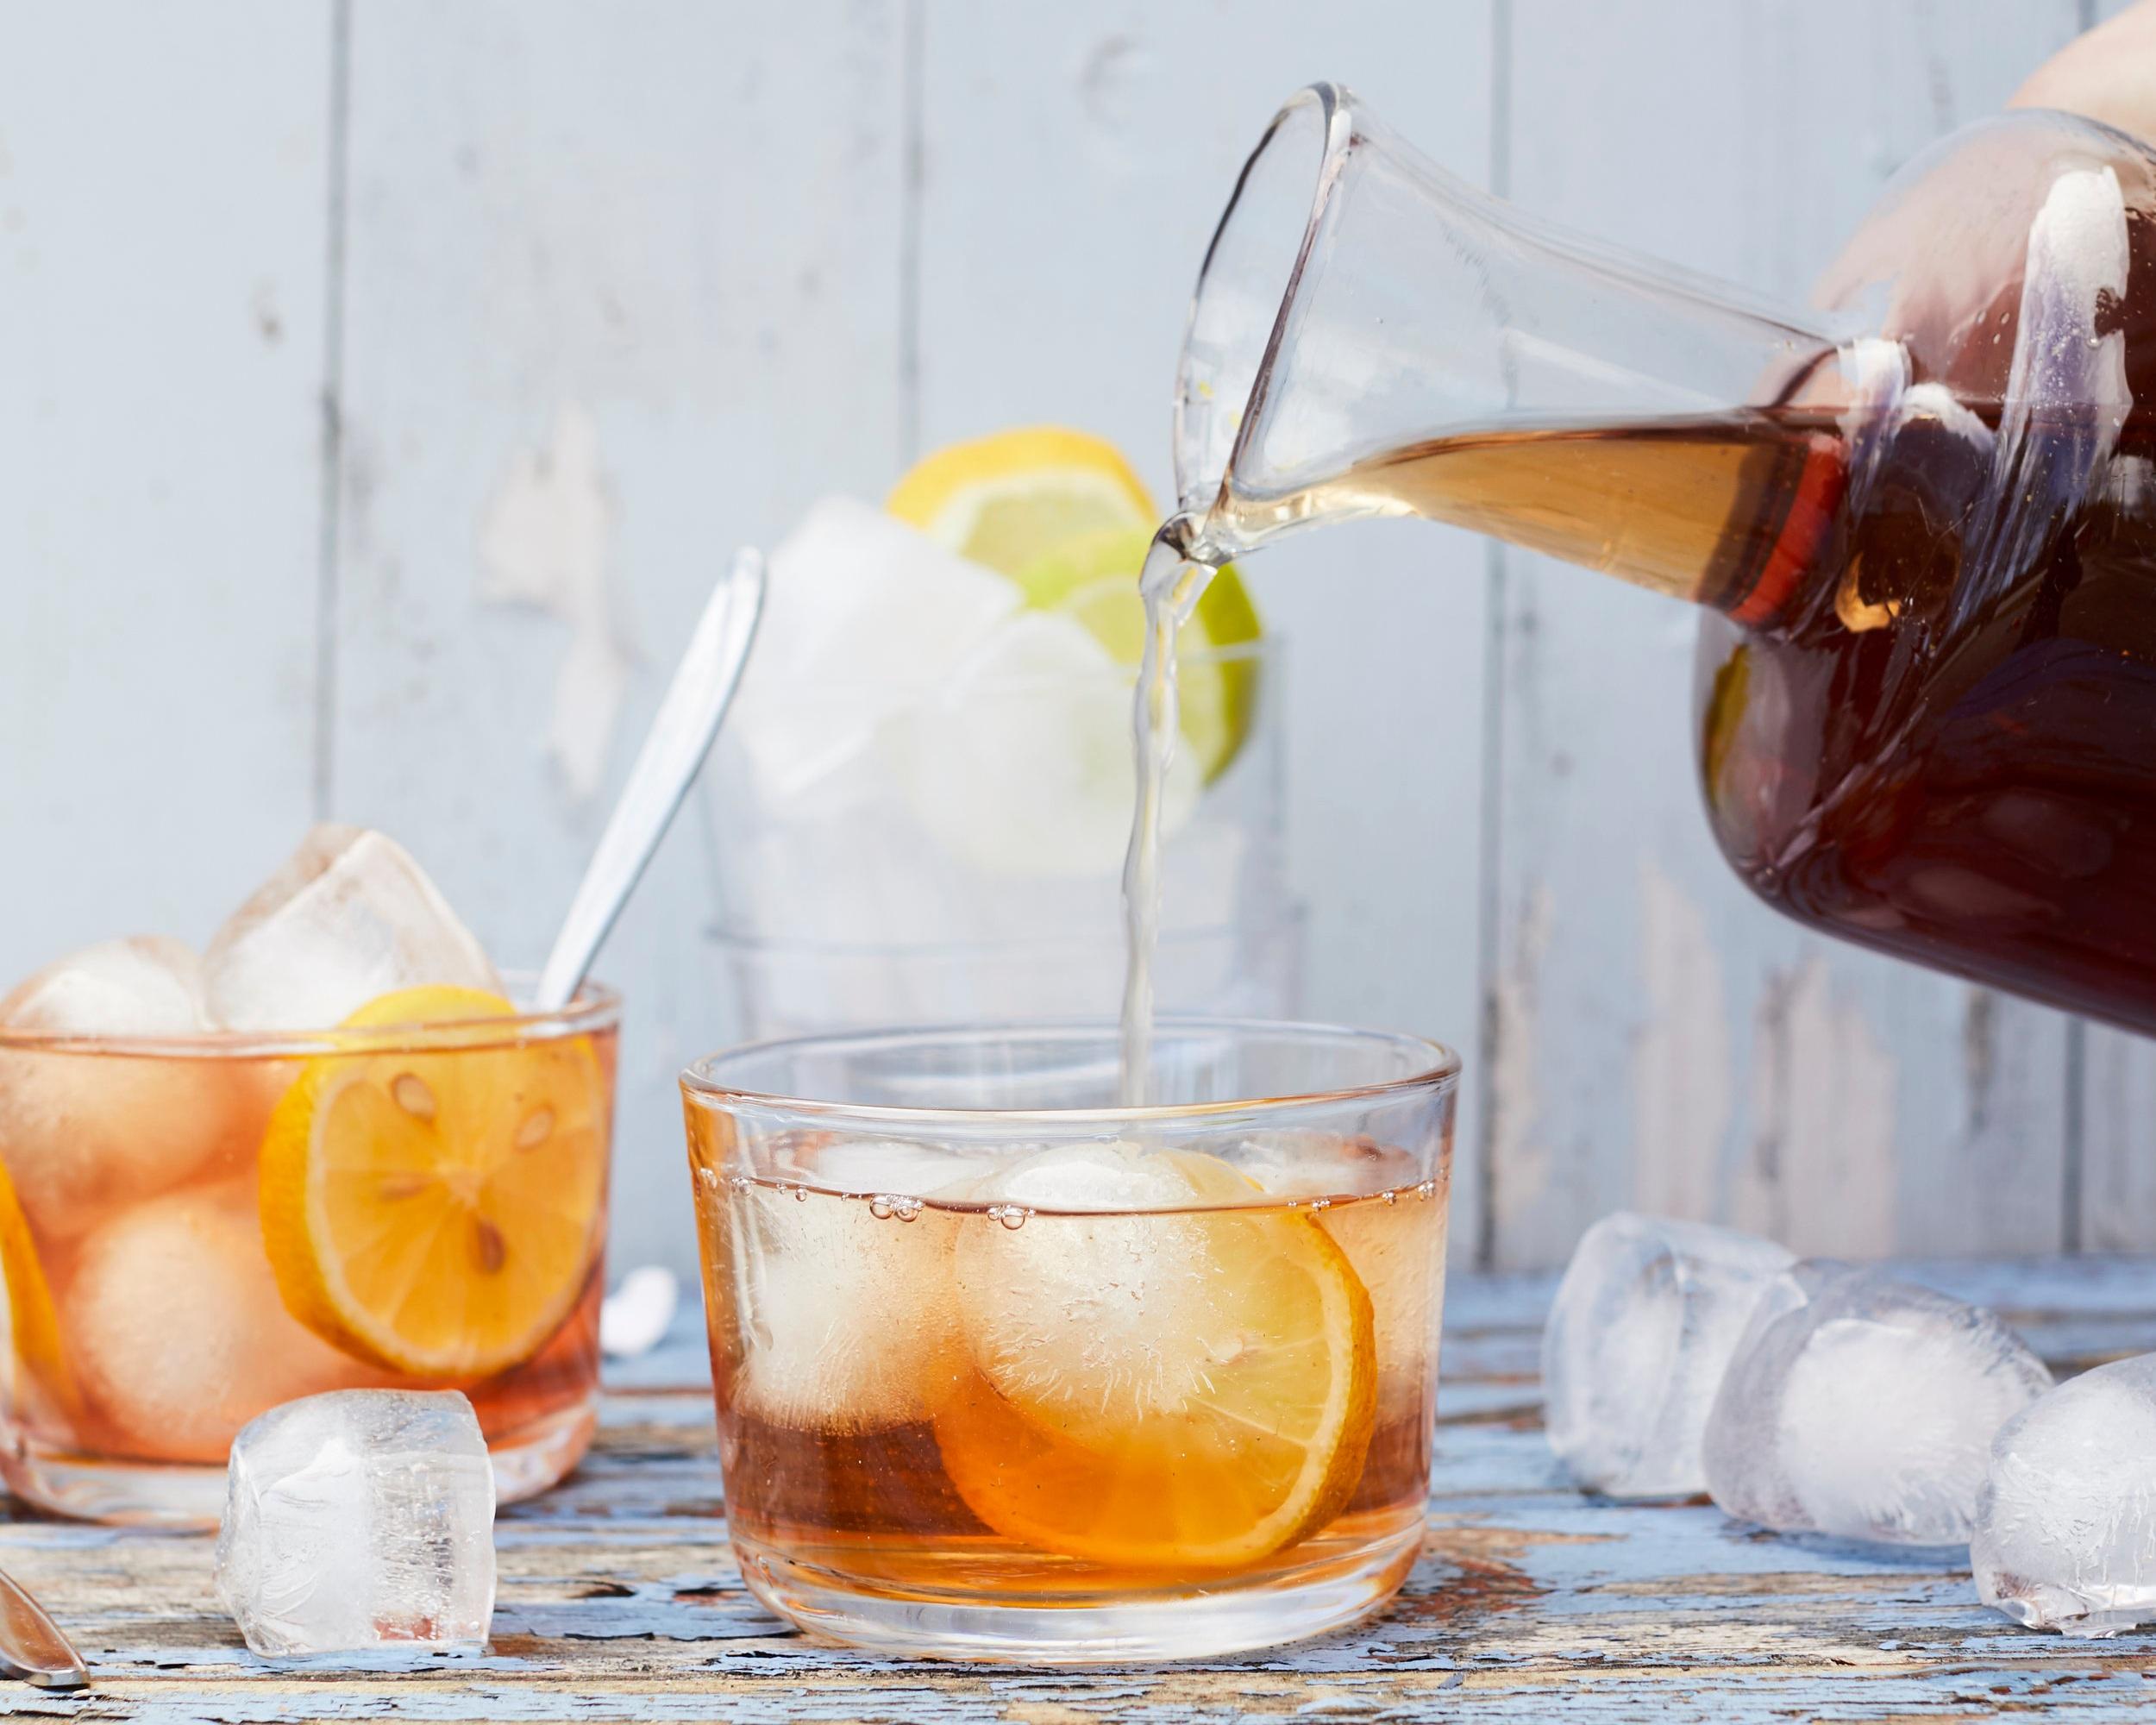 NORD-T+iced+tea